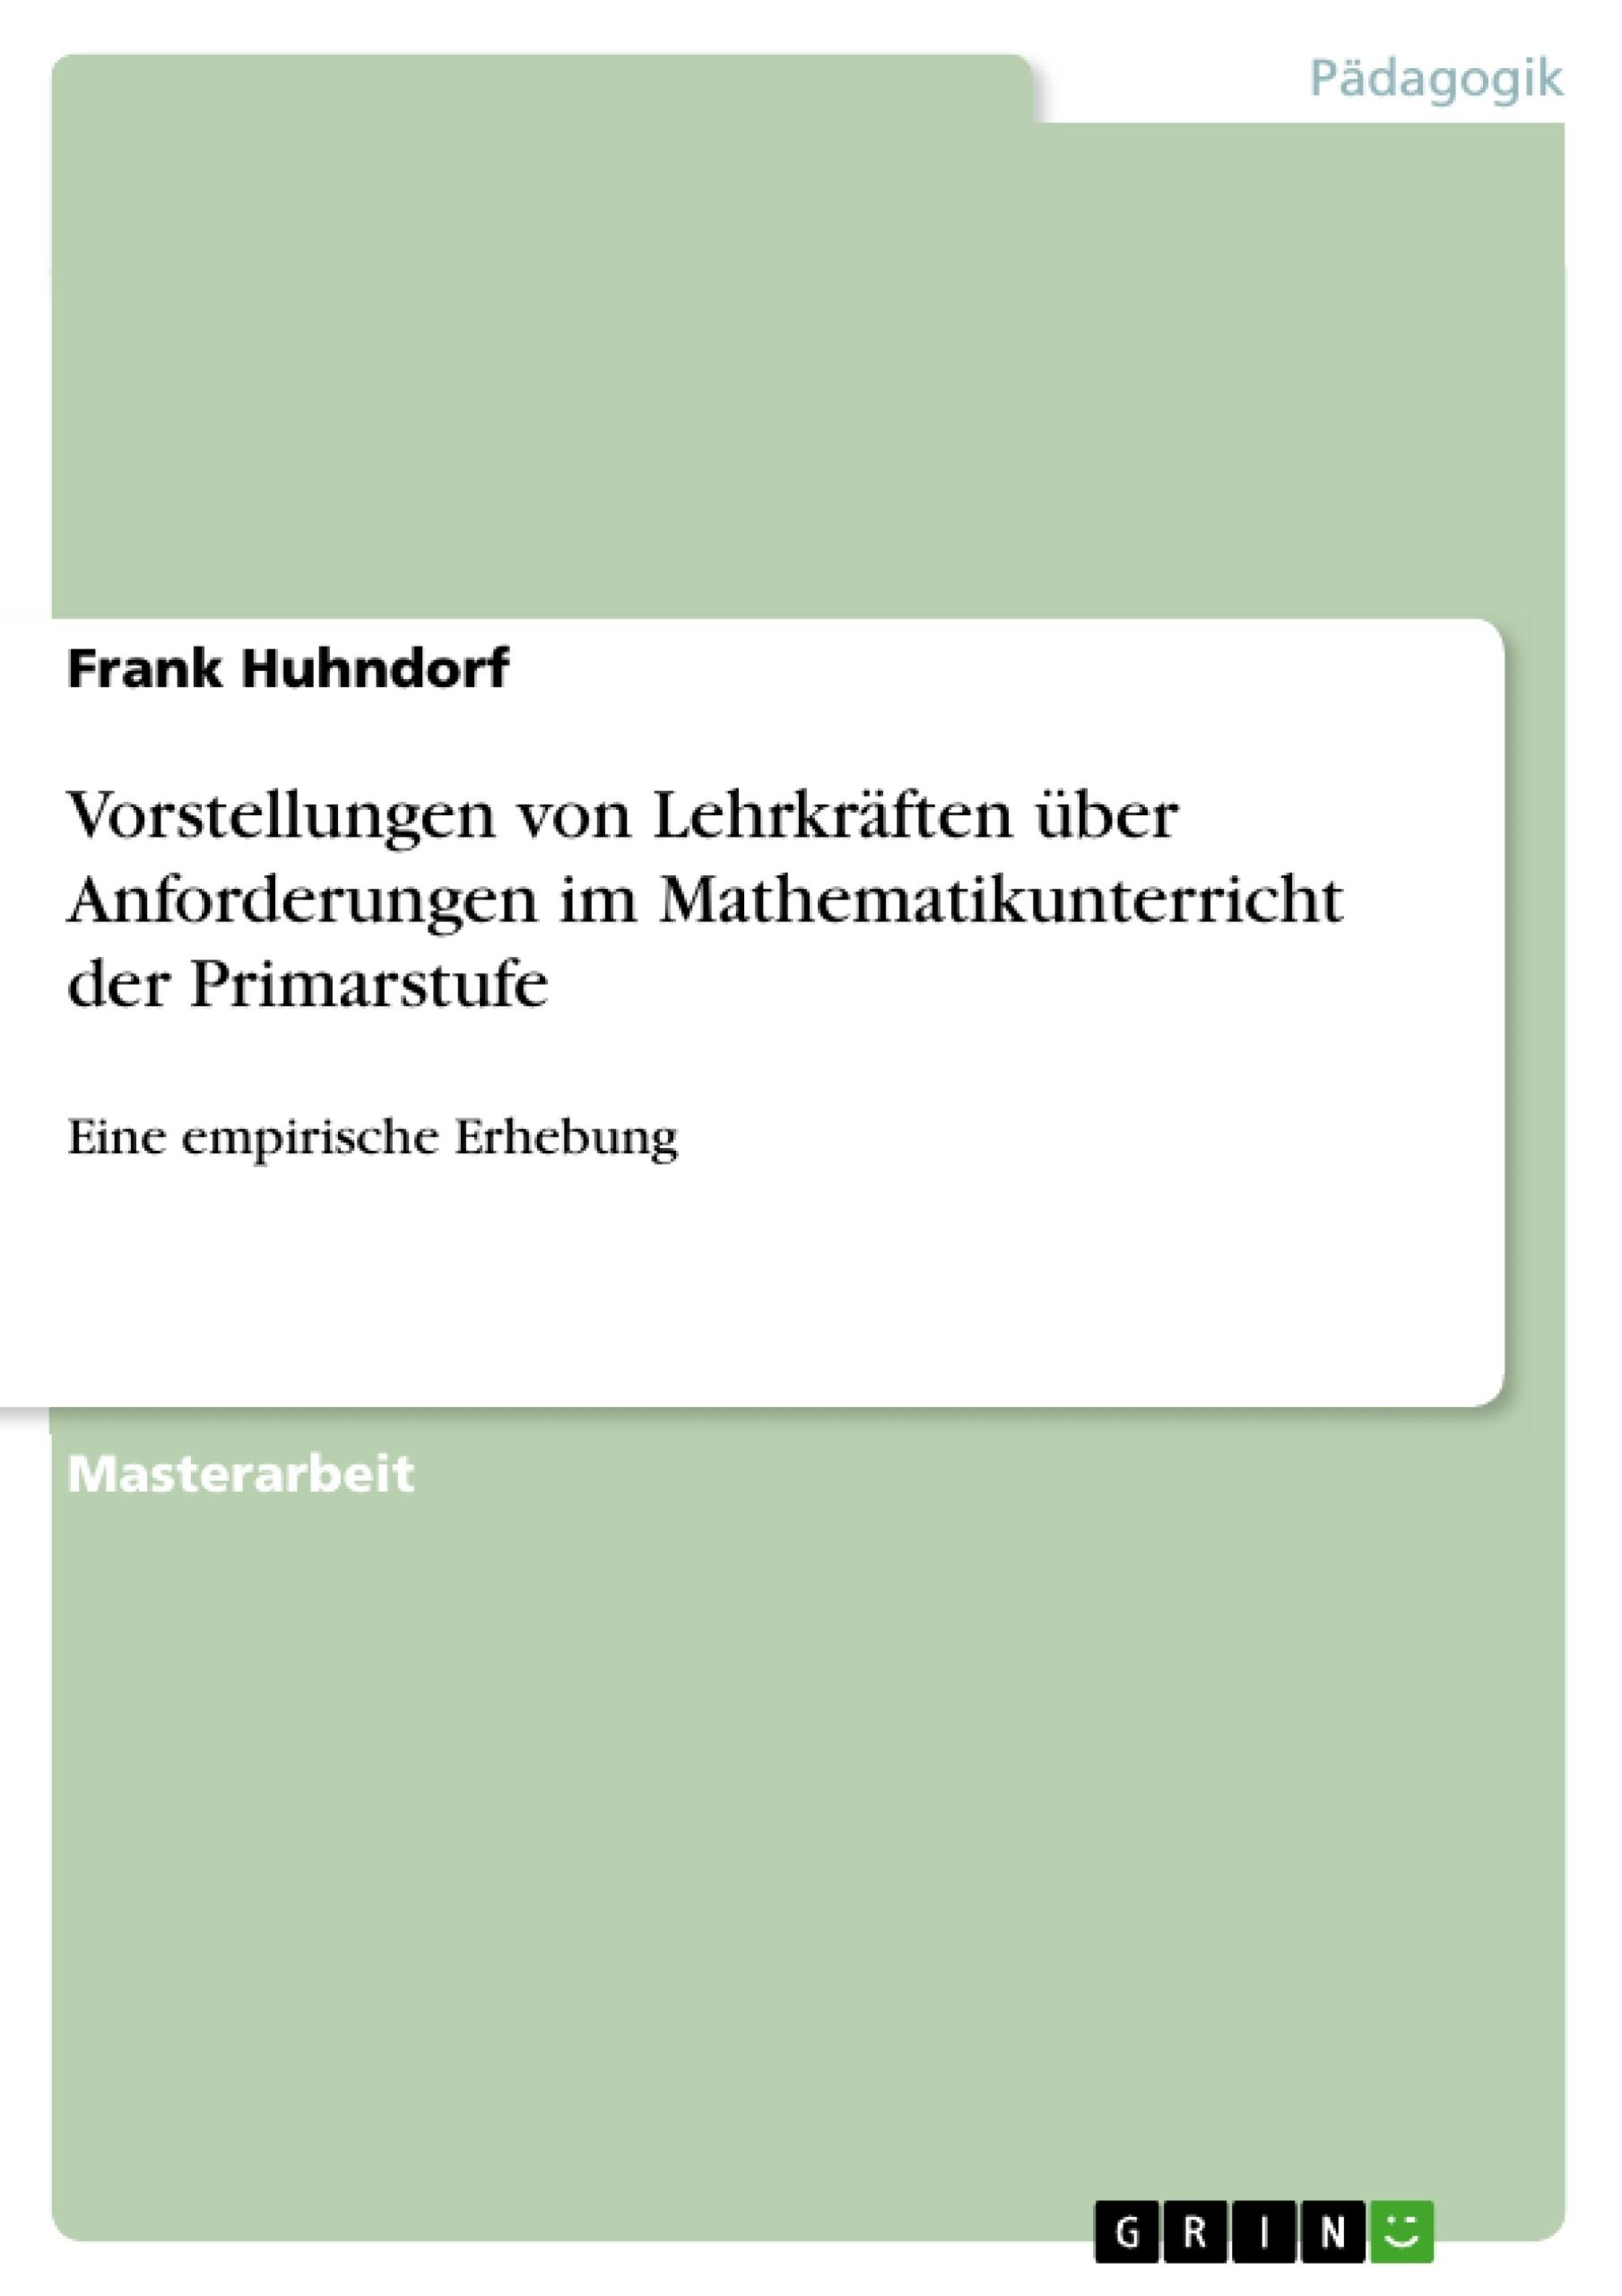 Titel: Vorstellungen von Lehrkräften über Anforderungen im Mathematikunterricht der Primarstufe